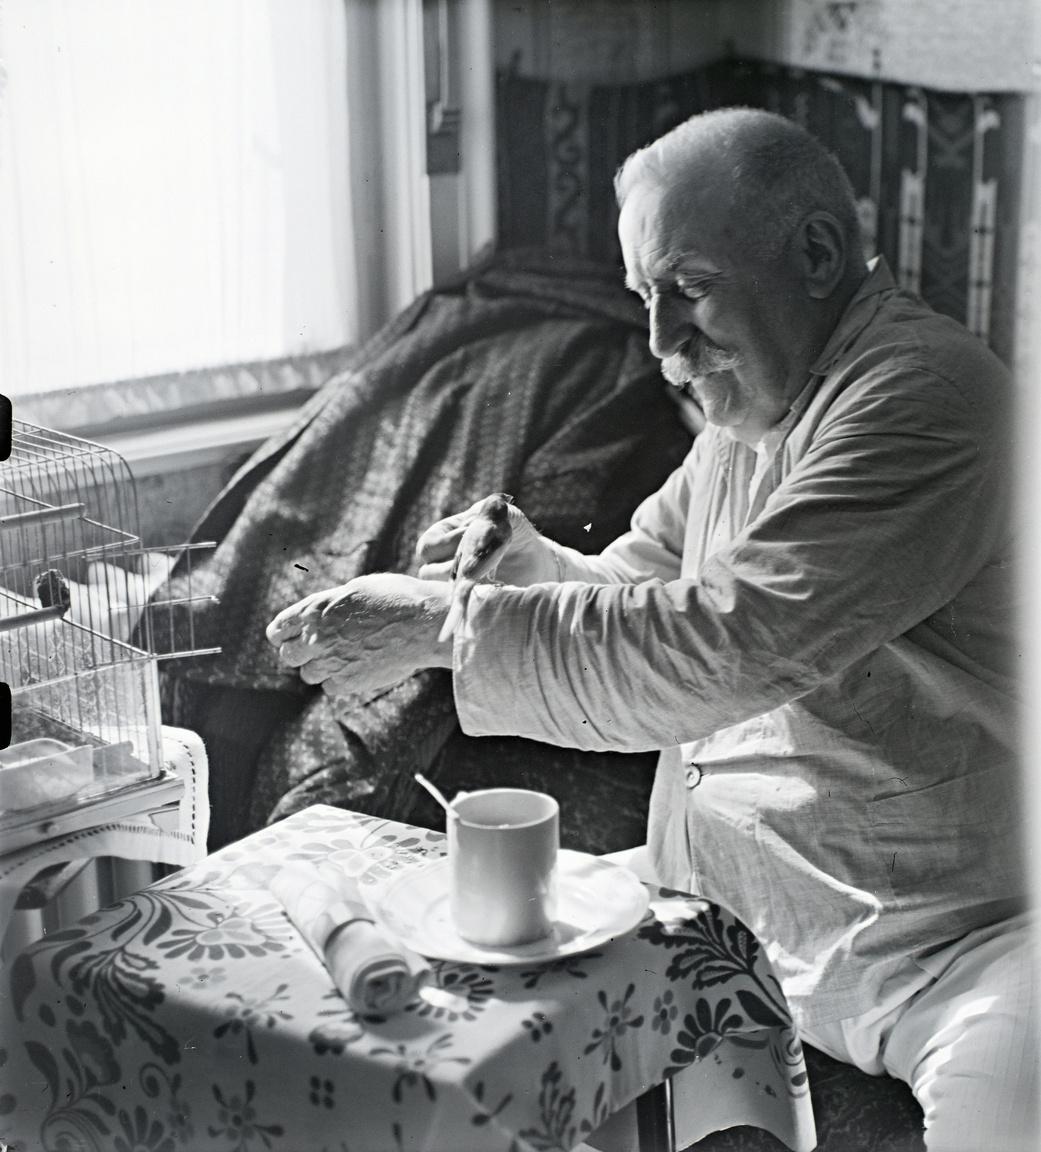 Reggeli utáni madarászás: a korszak kedvenc írójára, Herczeg Ferencre megszólalásig hasonlító pizsamás úr kalitkás háziállatával